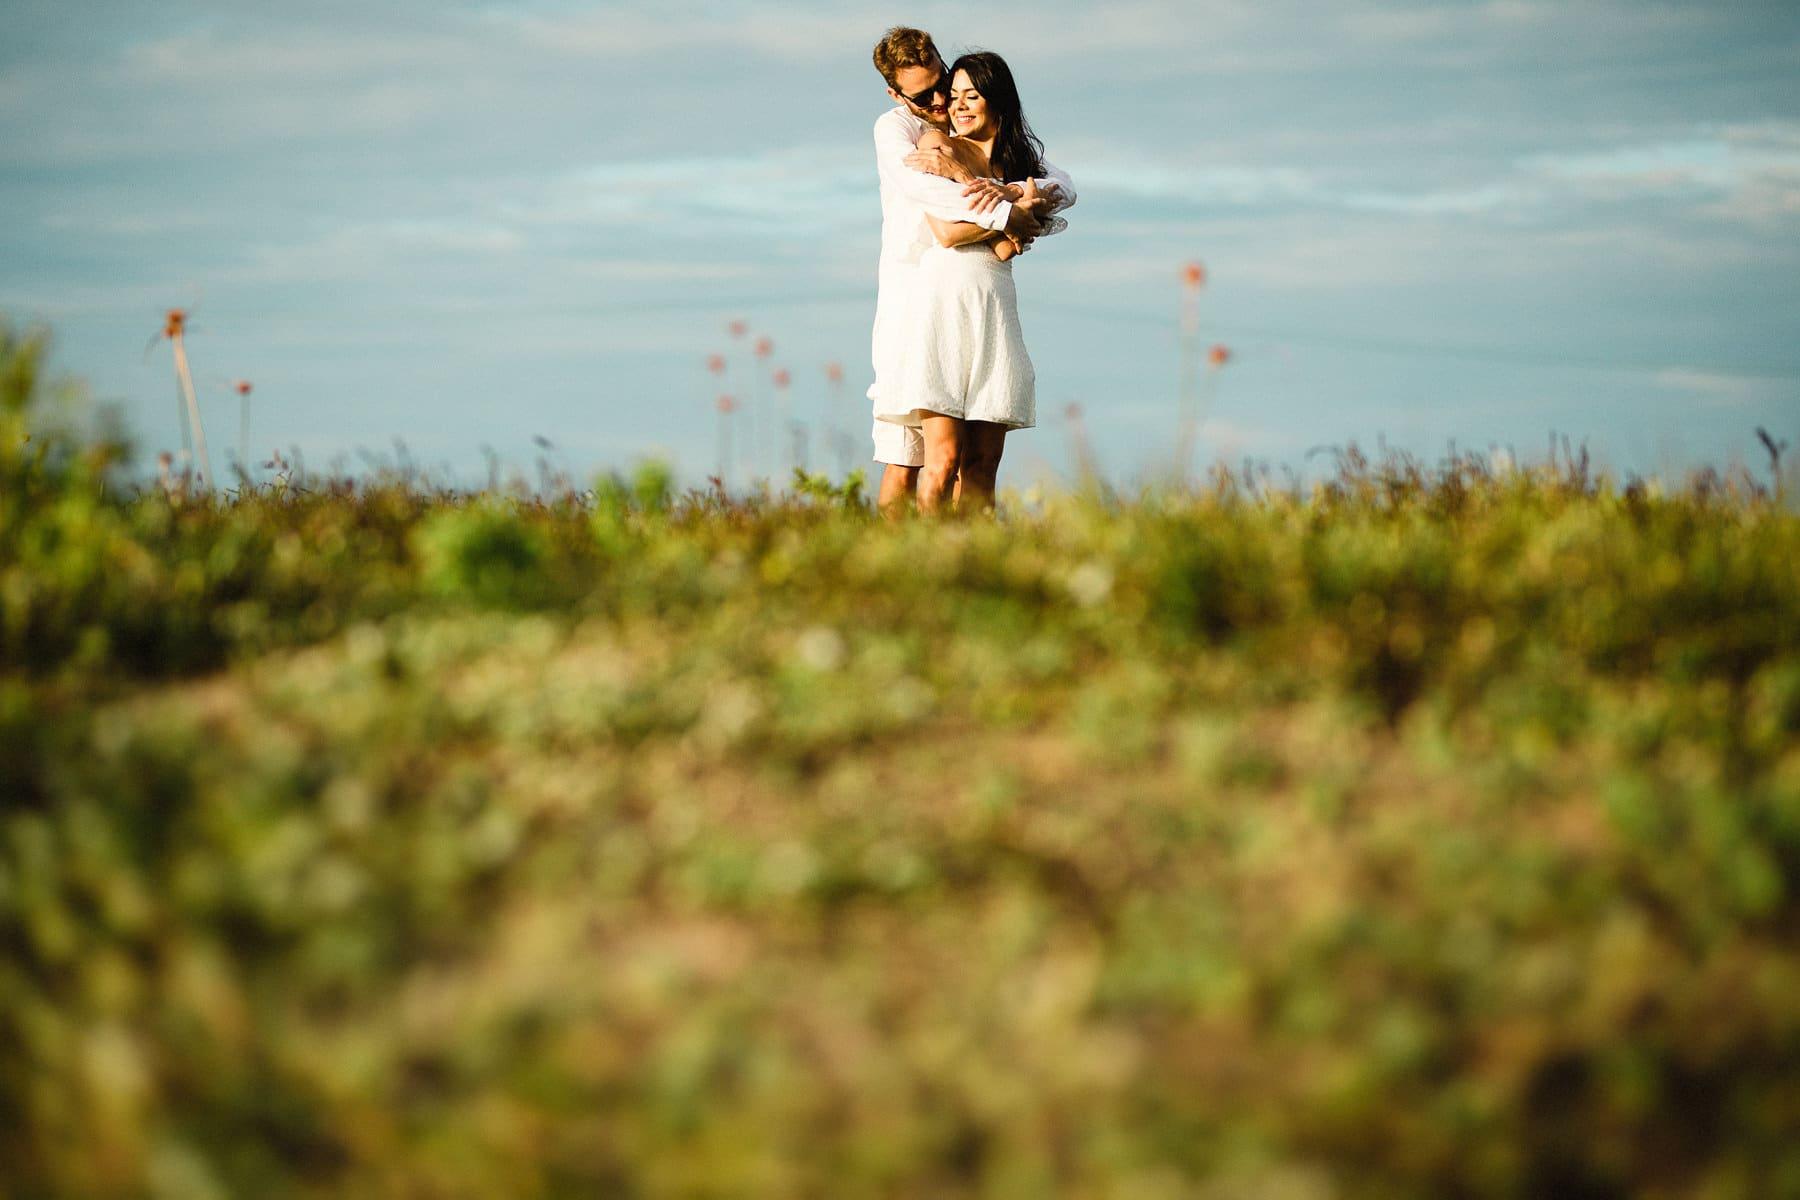 ensaio pré wedding no campo